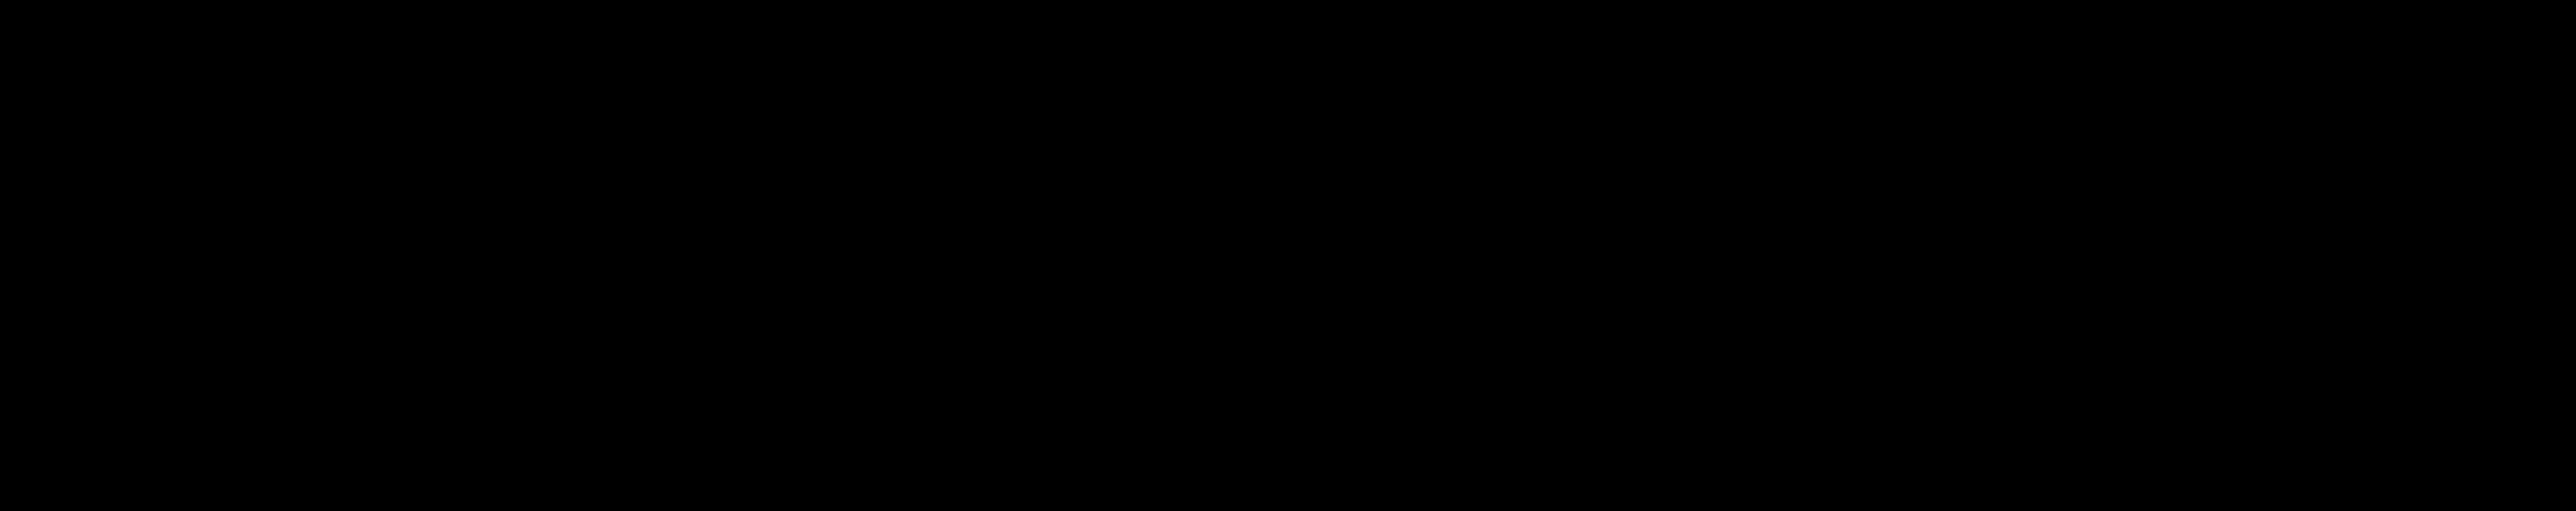 1-O-Feruloyl-d<sub>3 </sub>3-O-p-coumaroylglycerol